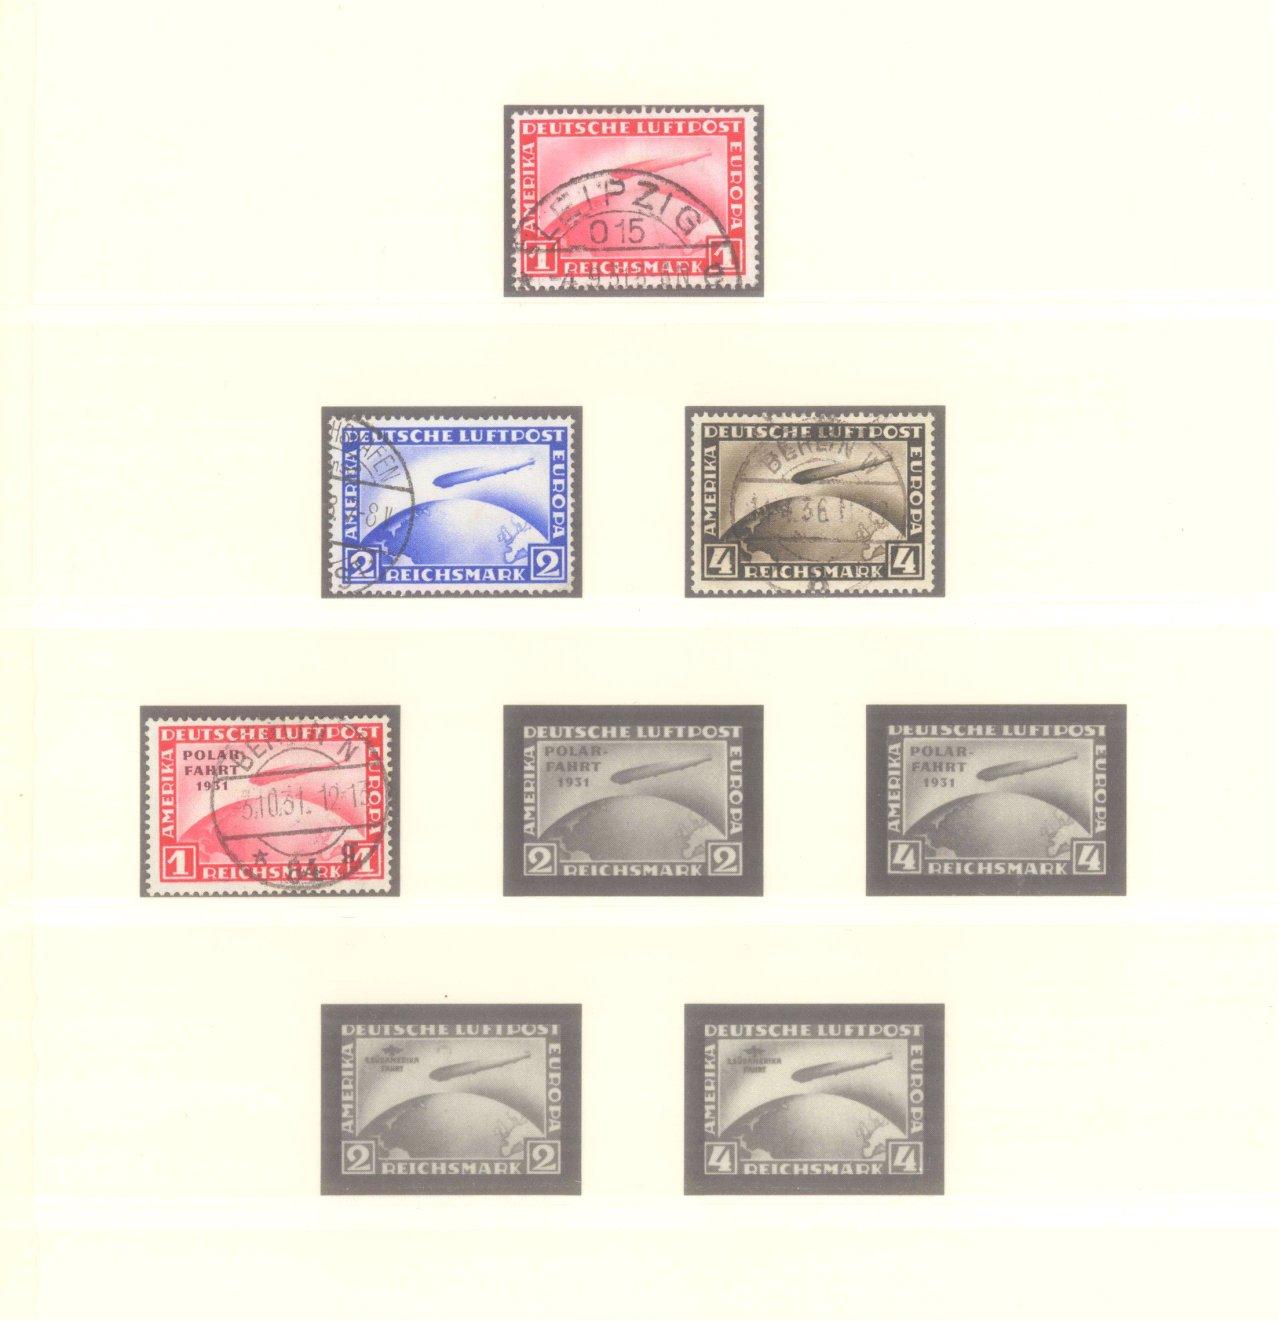 DEUTSCHES REICH – WEIMARER REPUBLIK 1923-1933-1